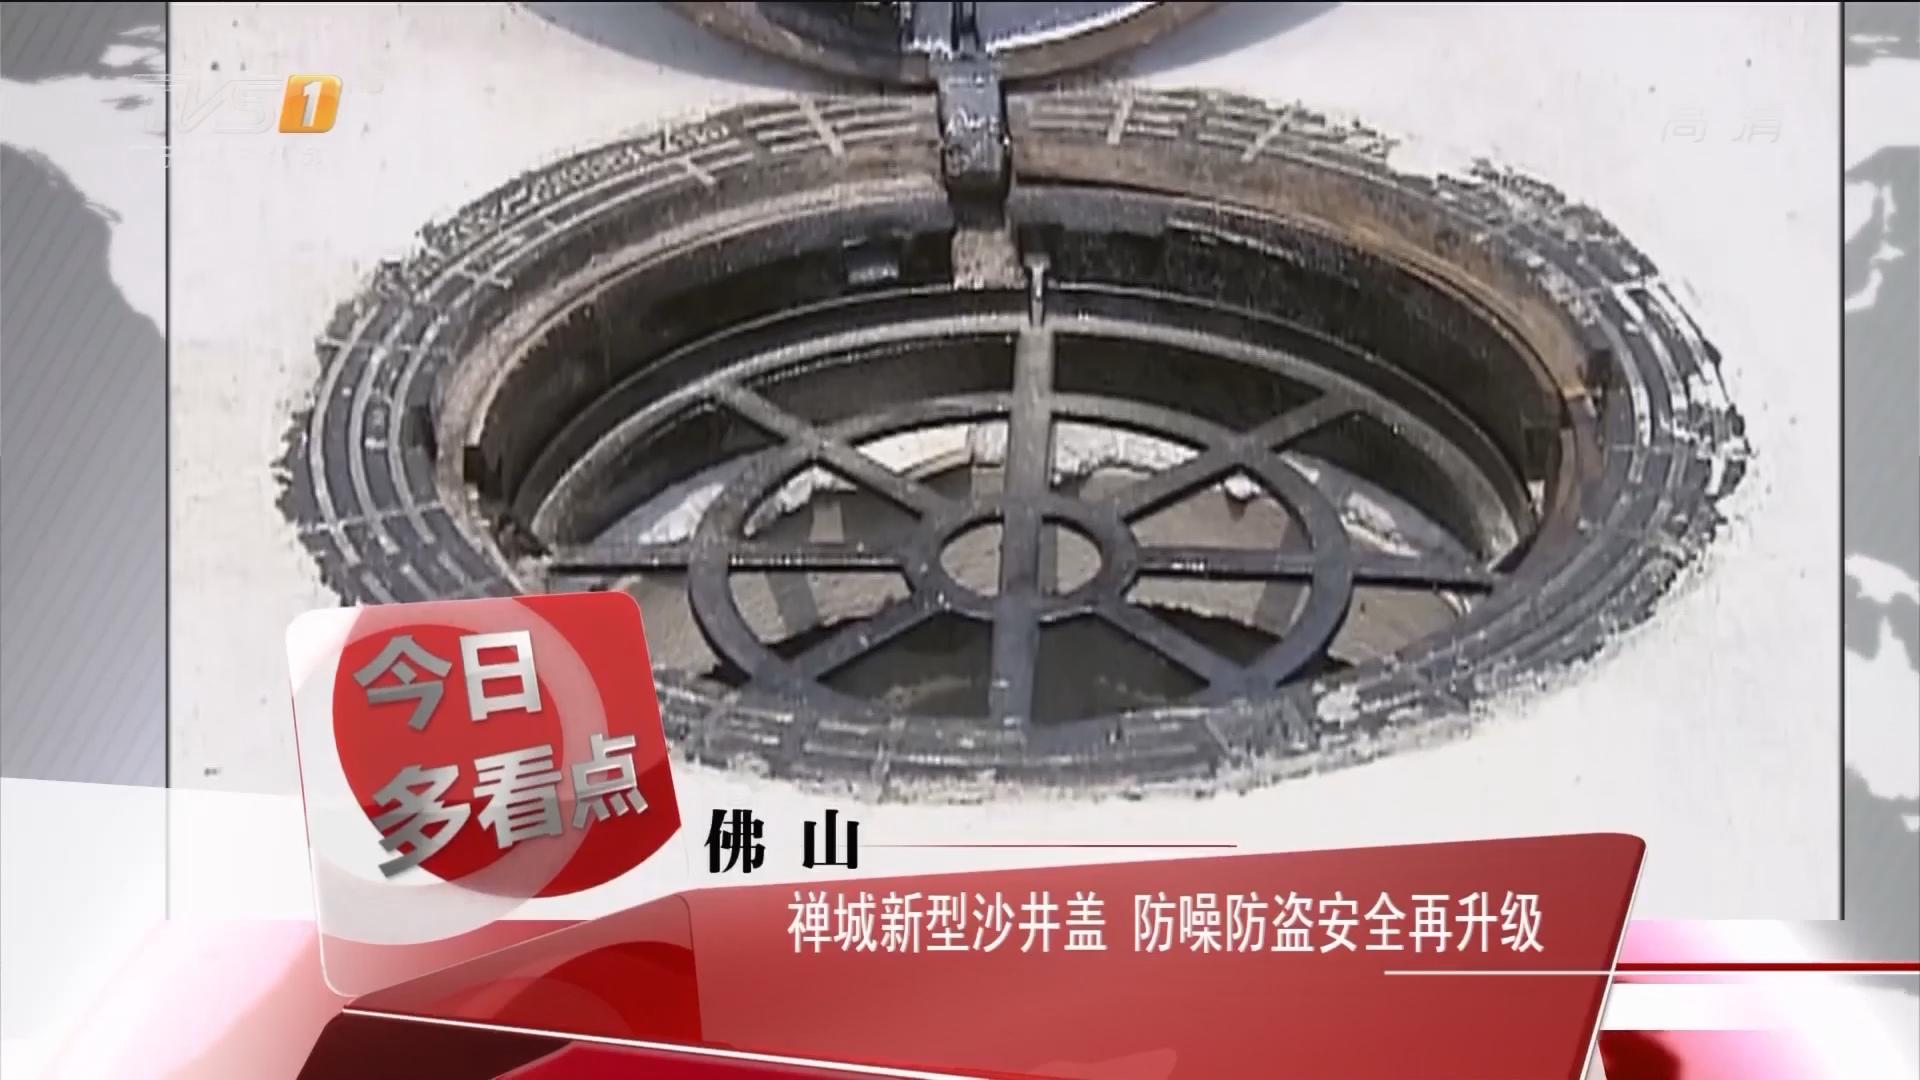 佛山:禅城新型沙井盖 防噪防盗安全再升级